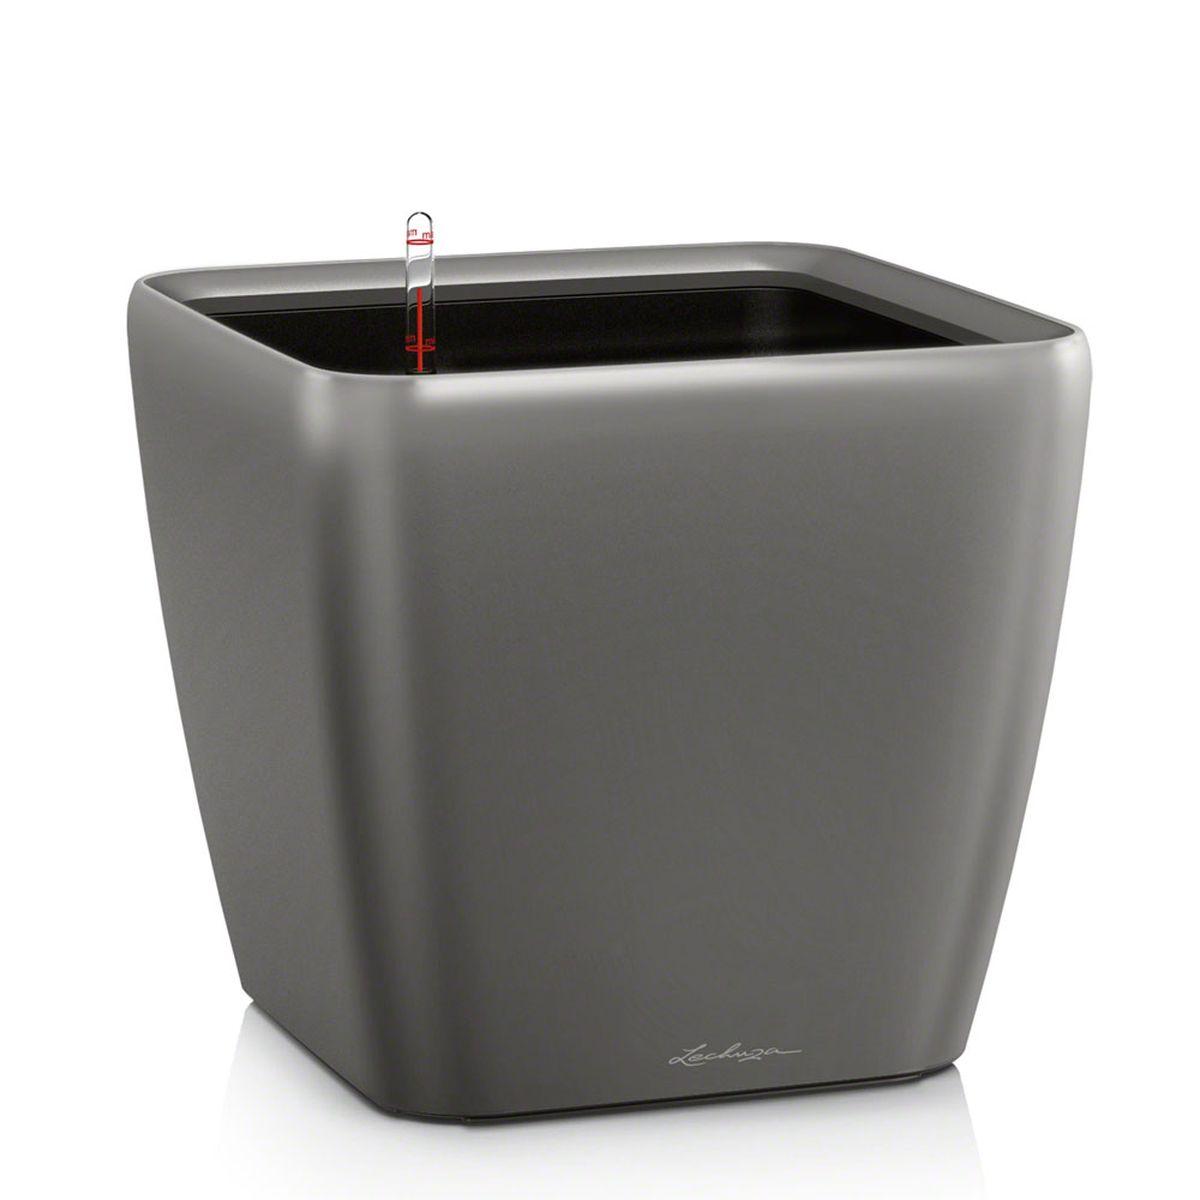 Кашпо Lechuza Quadro, с системой автополива, цвет: антрацит, 50 х 50 х 47 см16283Кашпо Lechuza Quadro, выполненное из высококачественного пластика, имеет уникальную систему автополива, благодаря которой корневая система растения непрерывно снабжается влагой из резервуара. Уровень воды в резервуаре контролируется с помощью специального индикатора. В зависимости от размера кашпо и растения воды хватает на 2-12 недель. Это способствует хорошему росту цветов и предотвращает переувлажнение.В набор входит: кашпо, внутренний горшок с выдвижной эргономичной ручкой, индикатор уровня воды, вал подачи воды, субстрат растений в качестве дренажного слоя, резервуар для воды.Кашпо Lechuza Quadro прекрасно впишется в любой интерьер. Оно поможет расставить нужные акценты, а также придаст помещению вид, соответствующий вашим представлениям.